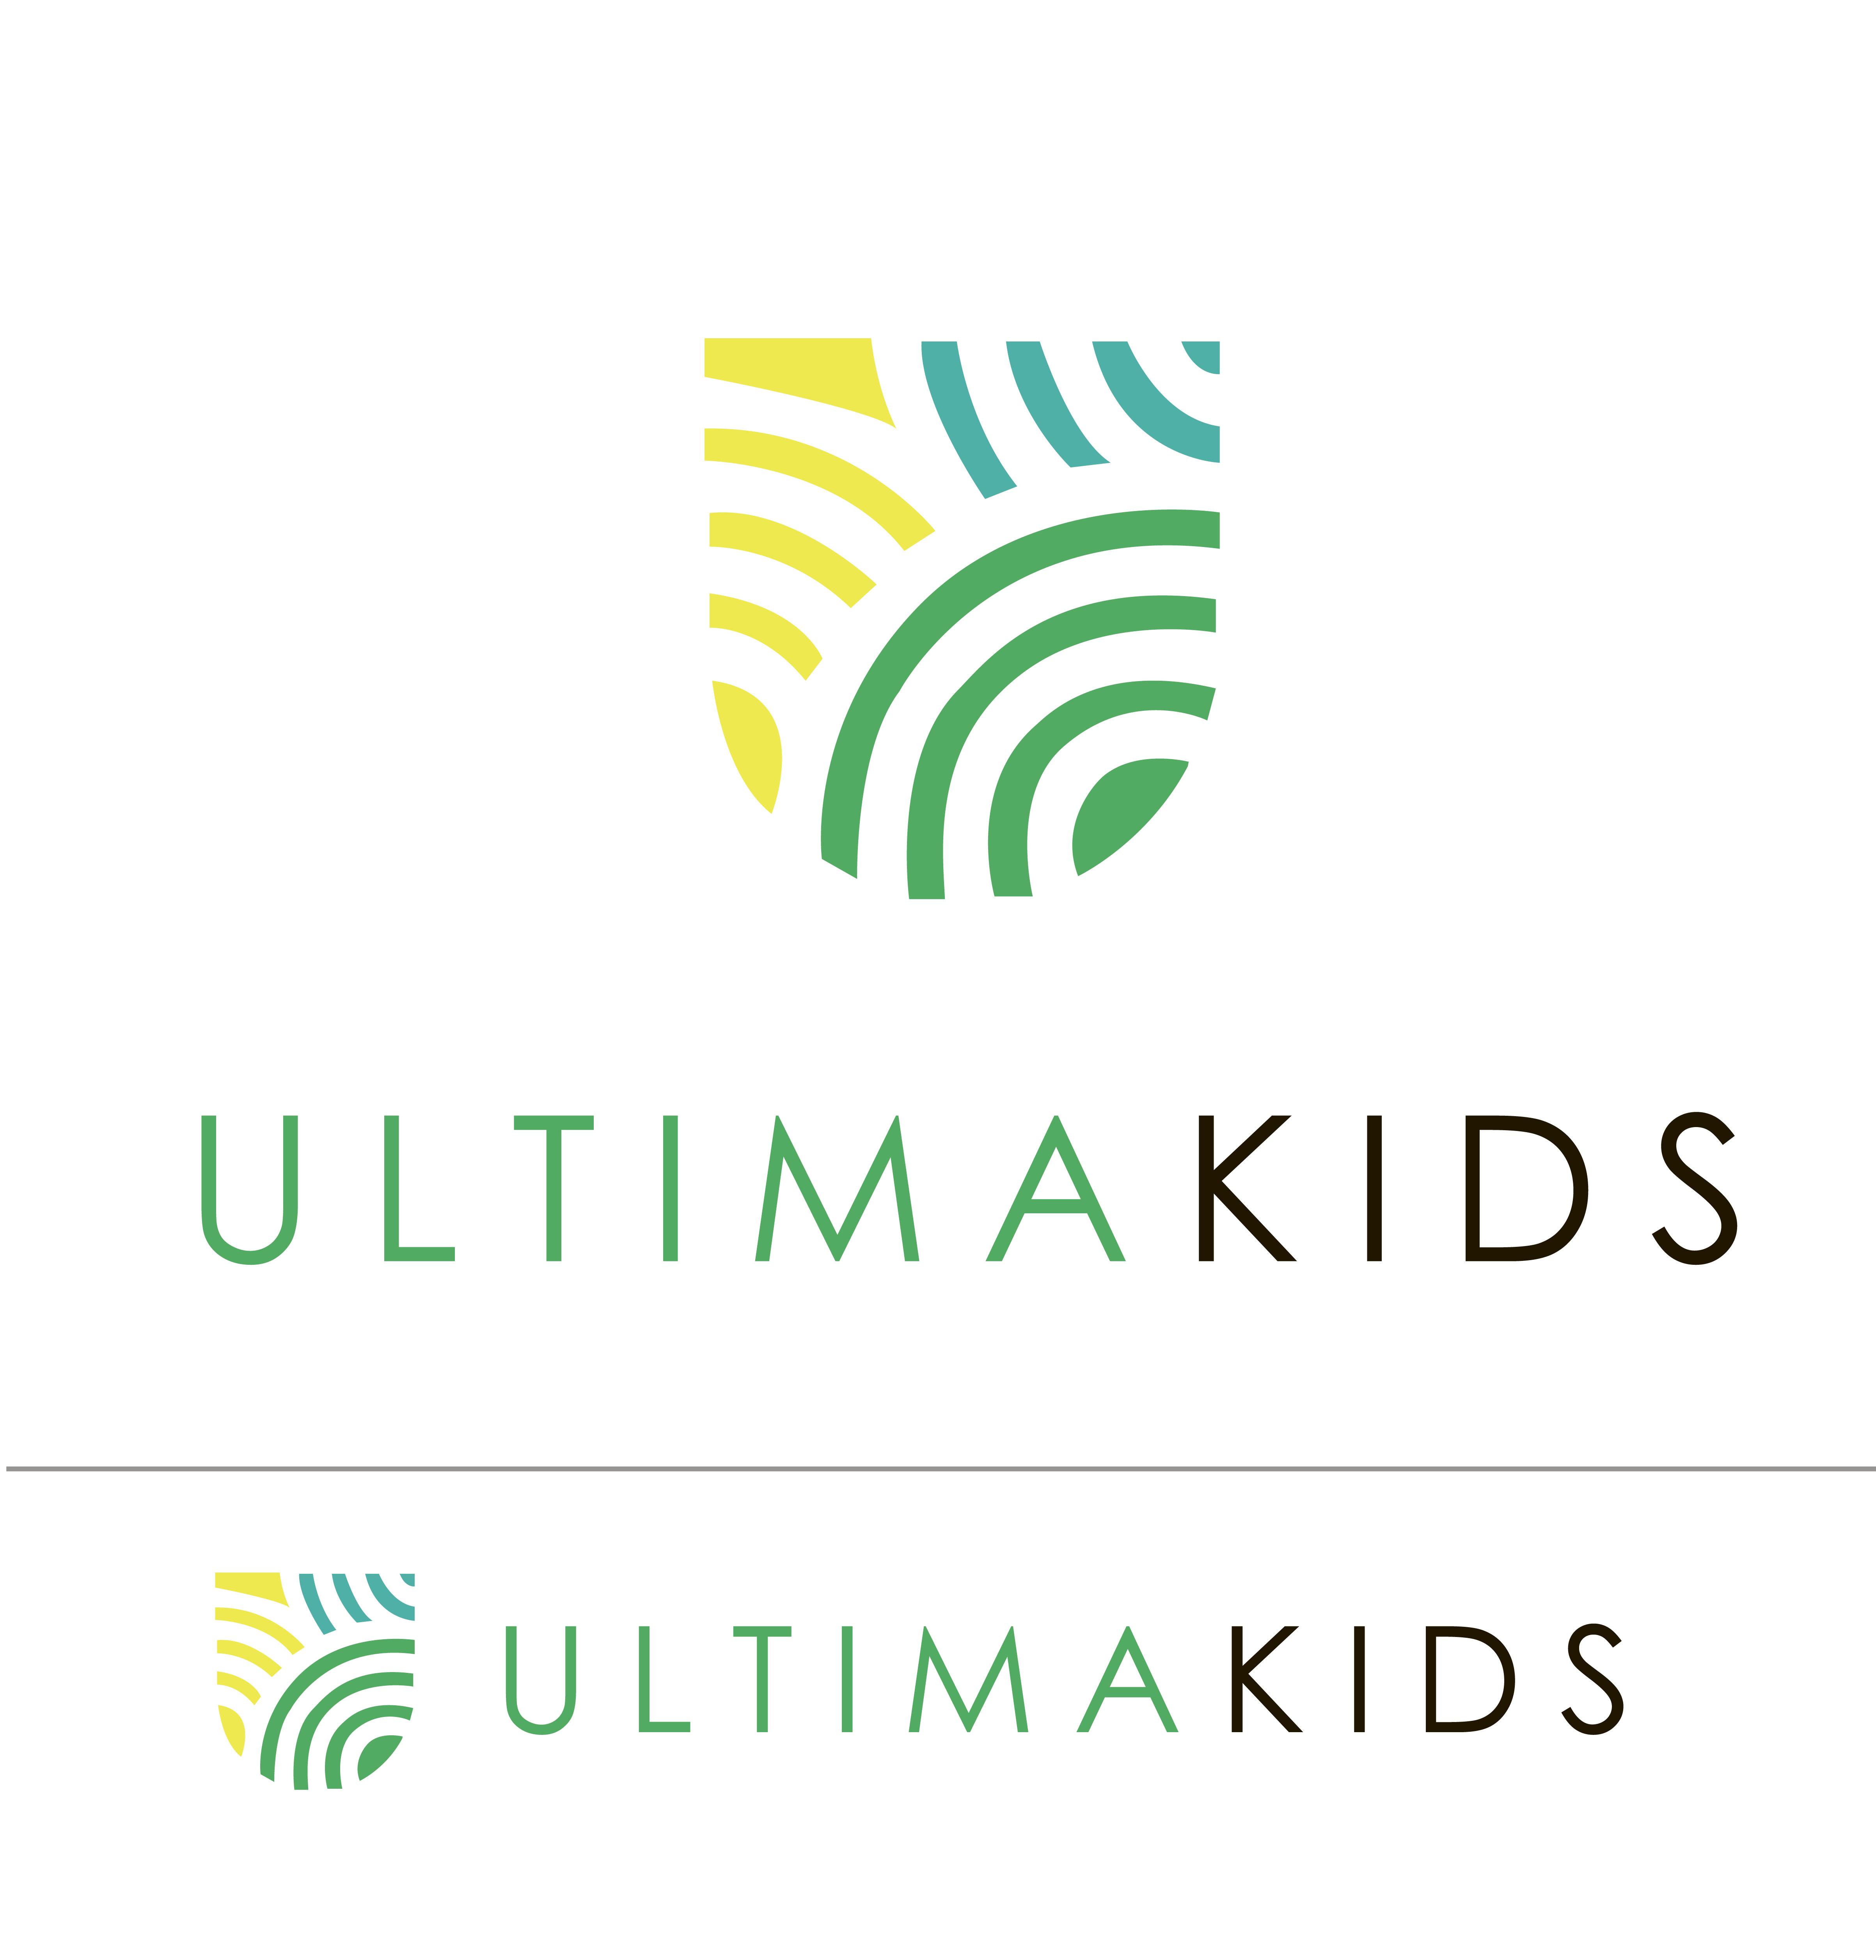 Дизайн логотипа для детского магазина фото f_7525bc5c8c1b85c0.jpg